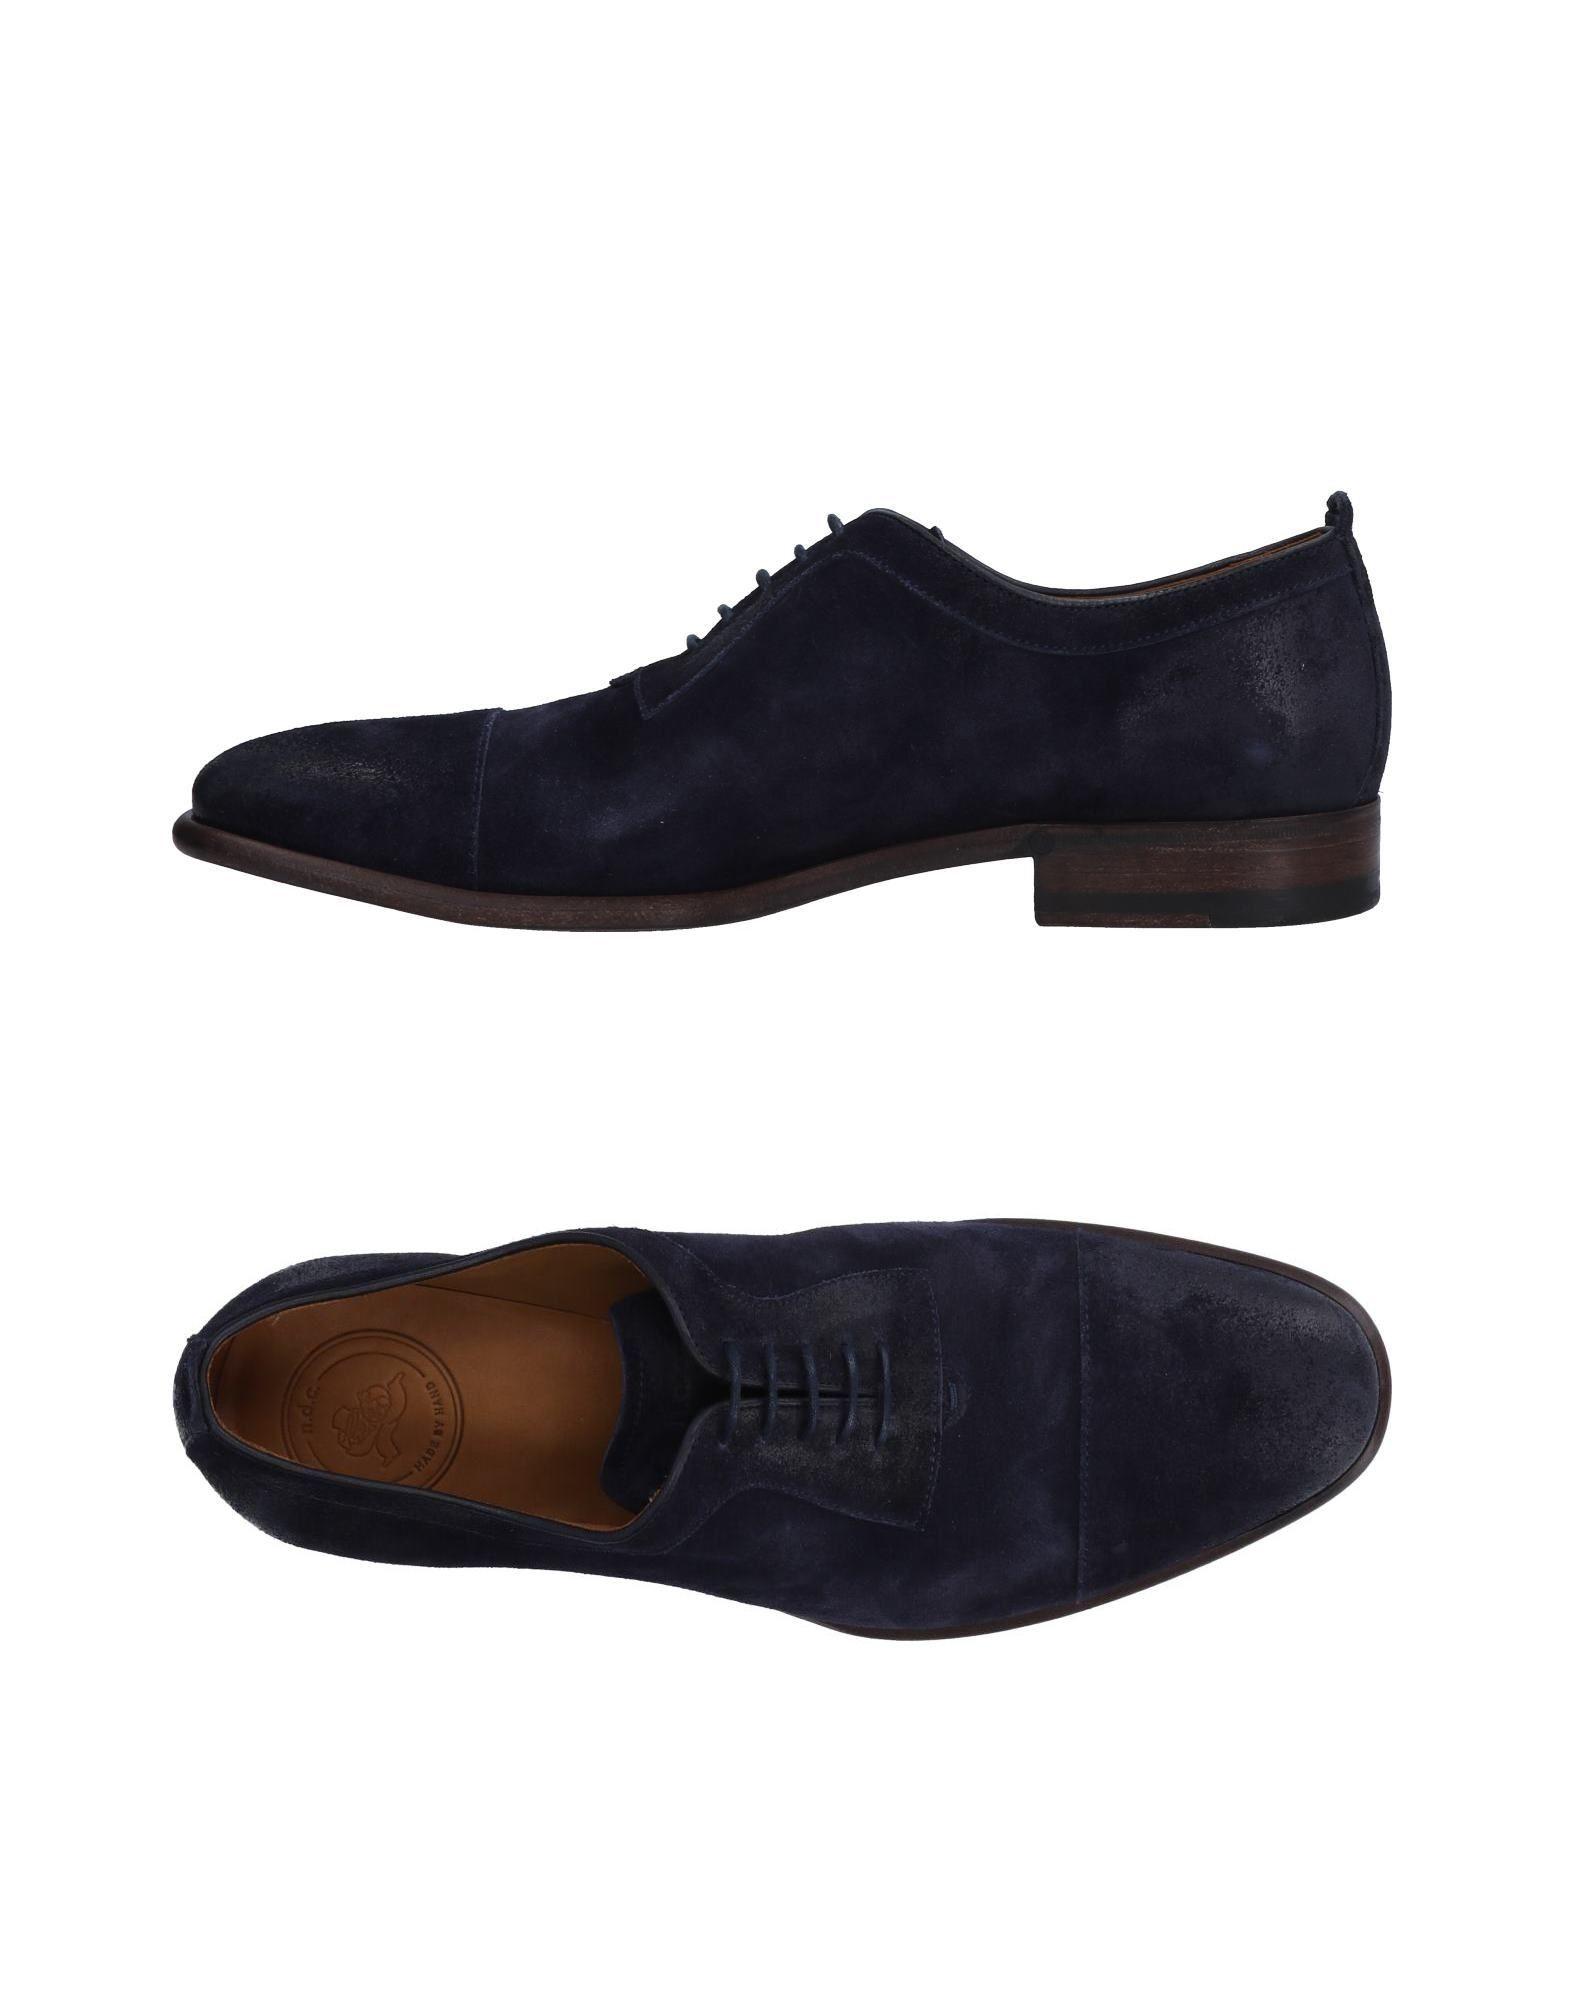 N.D.C. Made By Hand Schnürschuhe Herren  11517464KQ Gute Qualität beliebte Schuhe